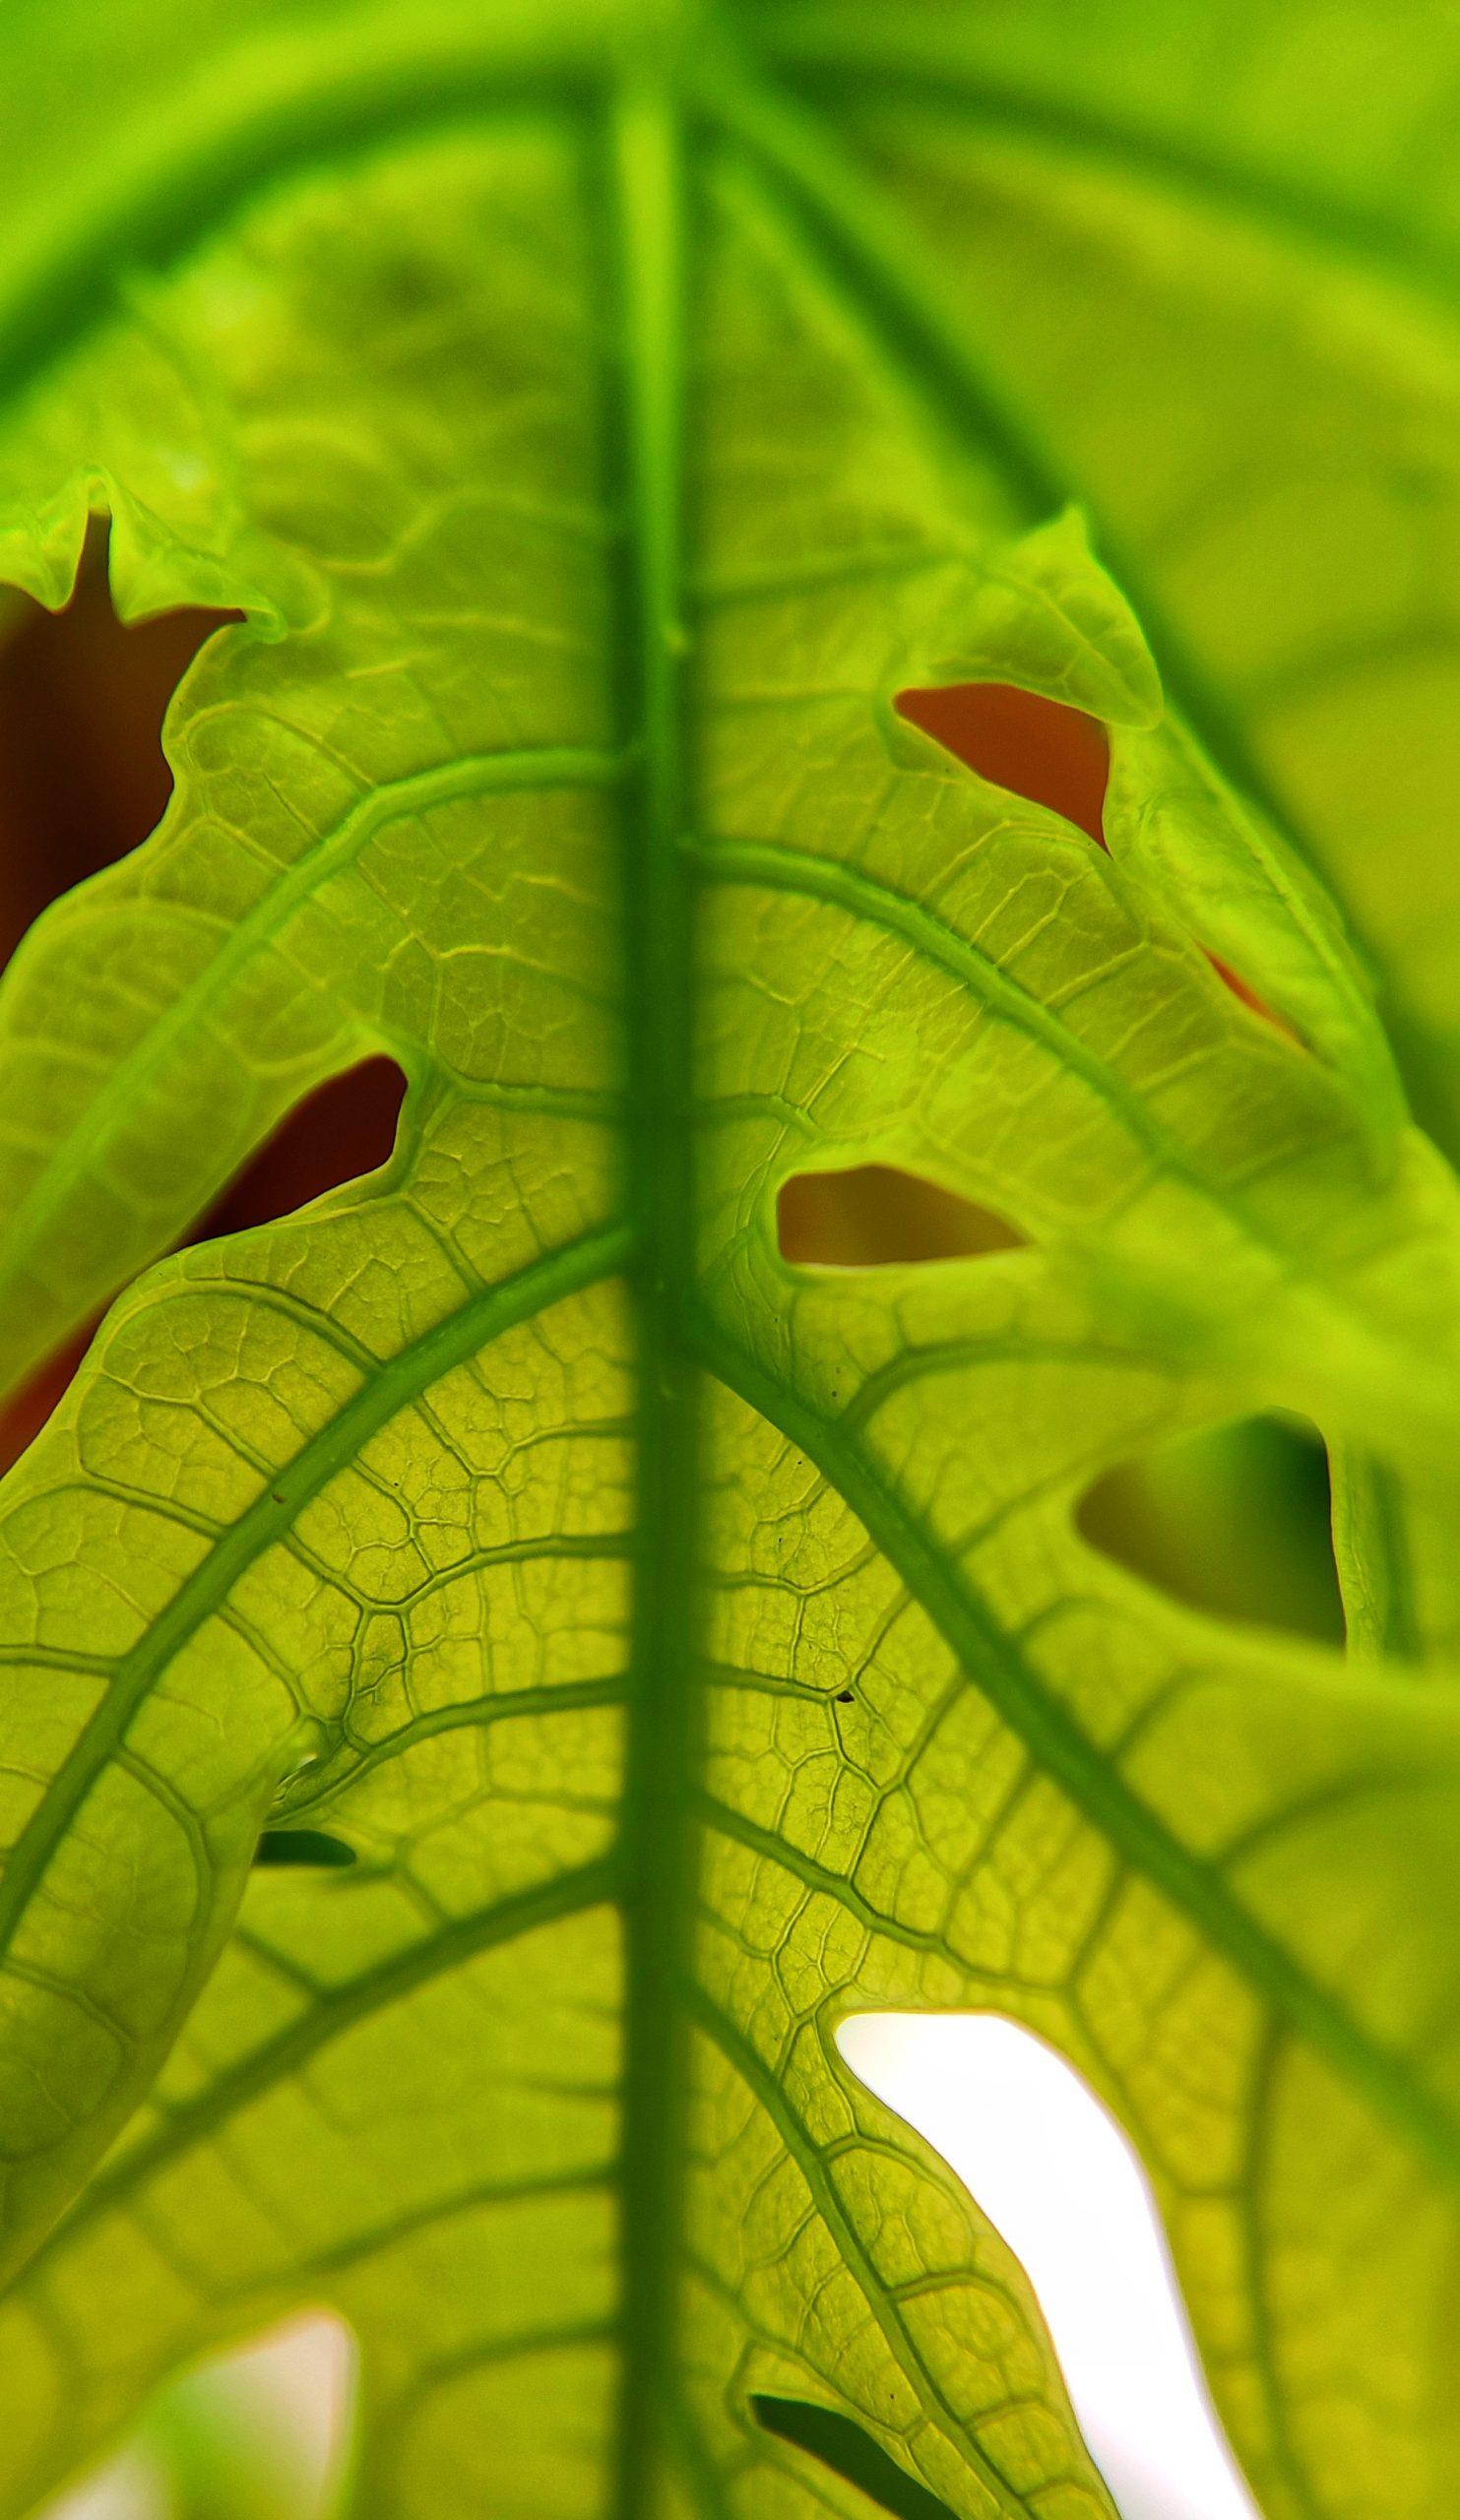 Leaf veins macro view